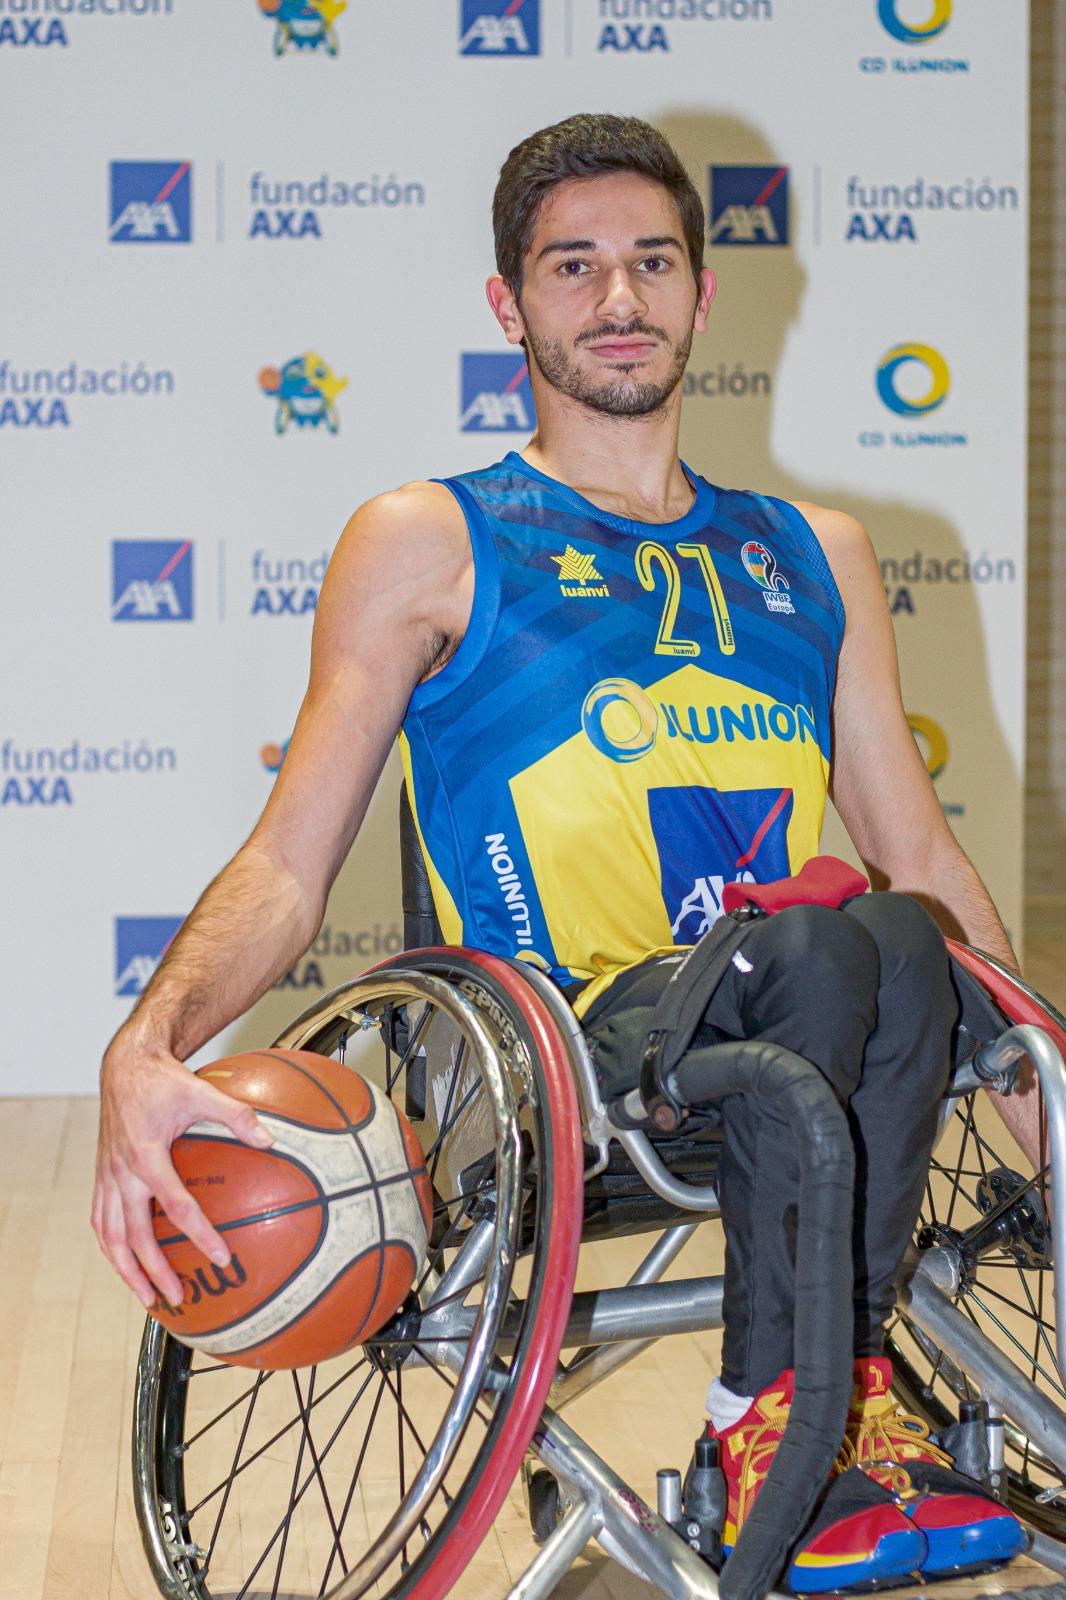 Pablo Lavandeira Poyato